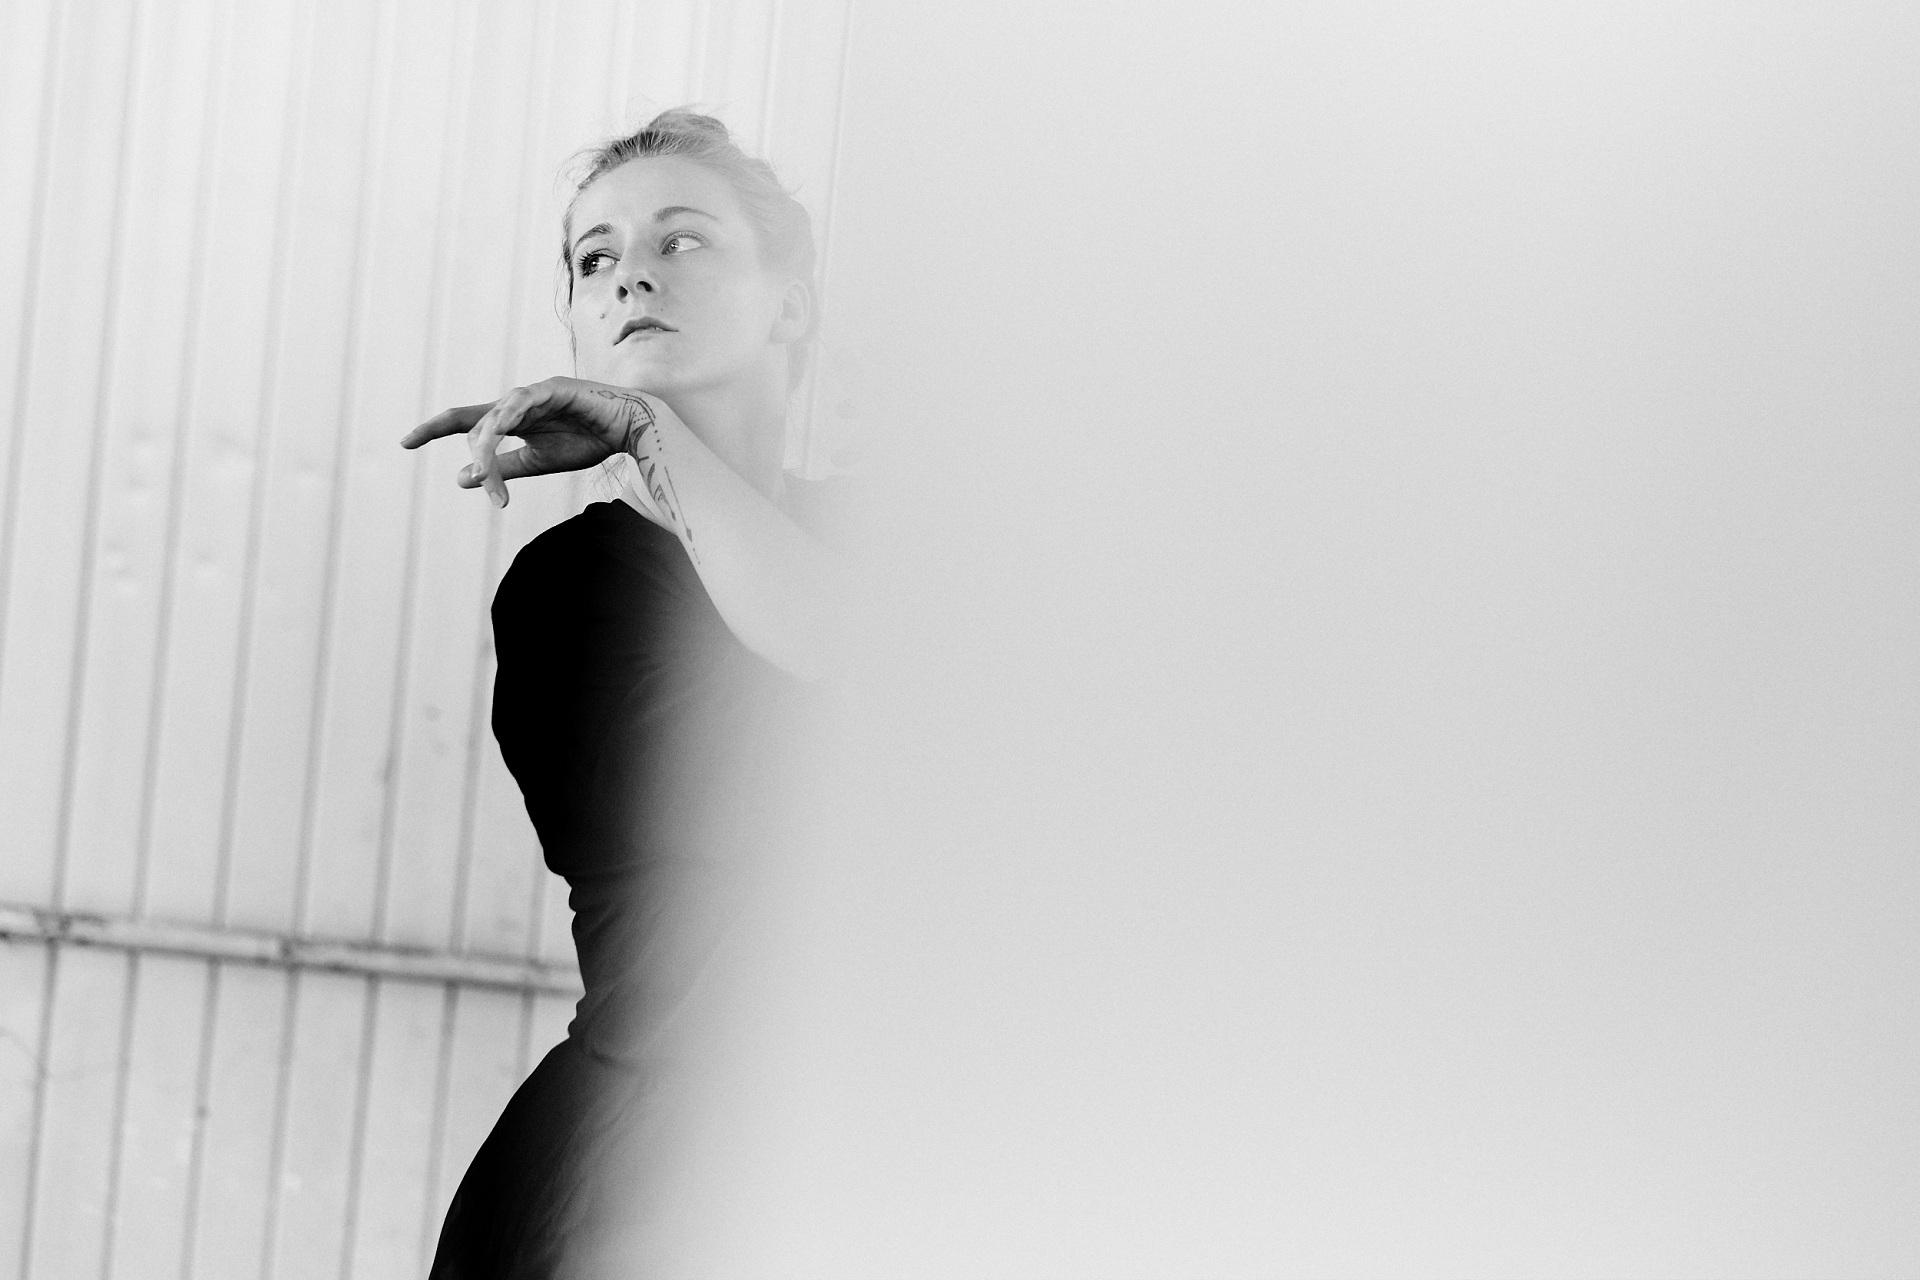 Про що мовчить жінка: Акторка та режисерка Христина Слободянюк-Фото 3